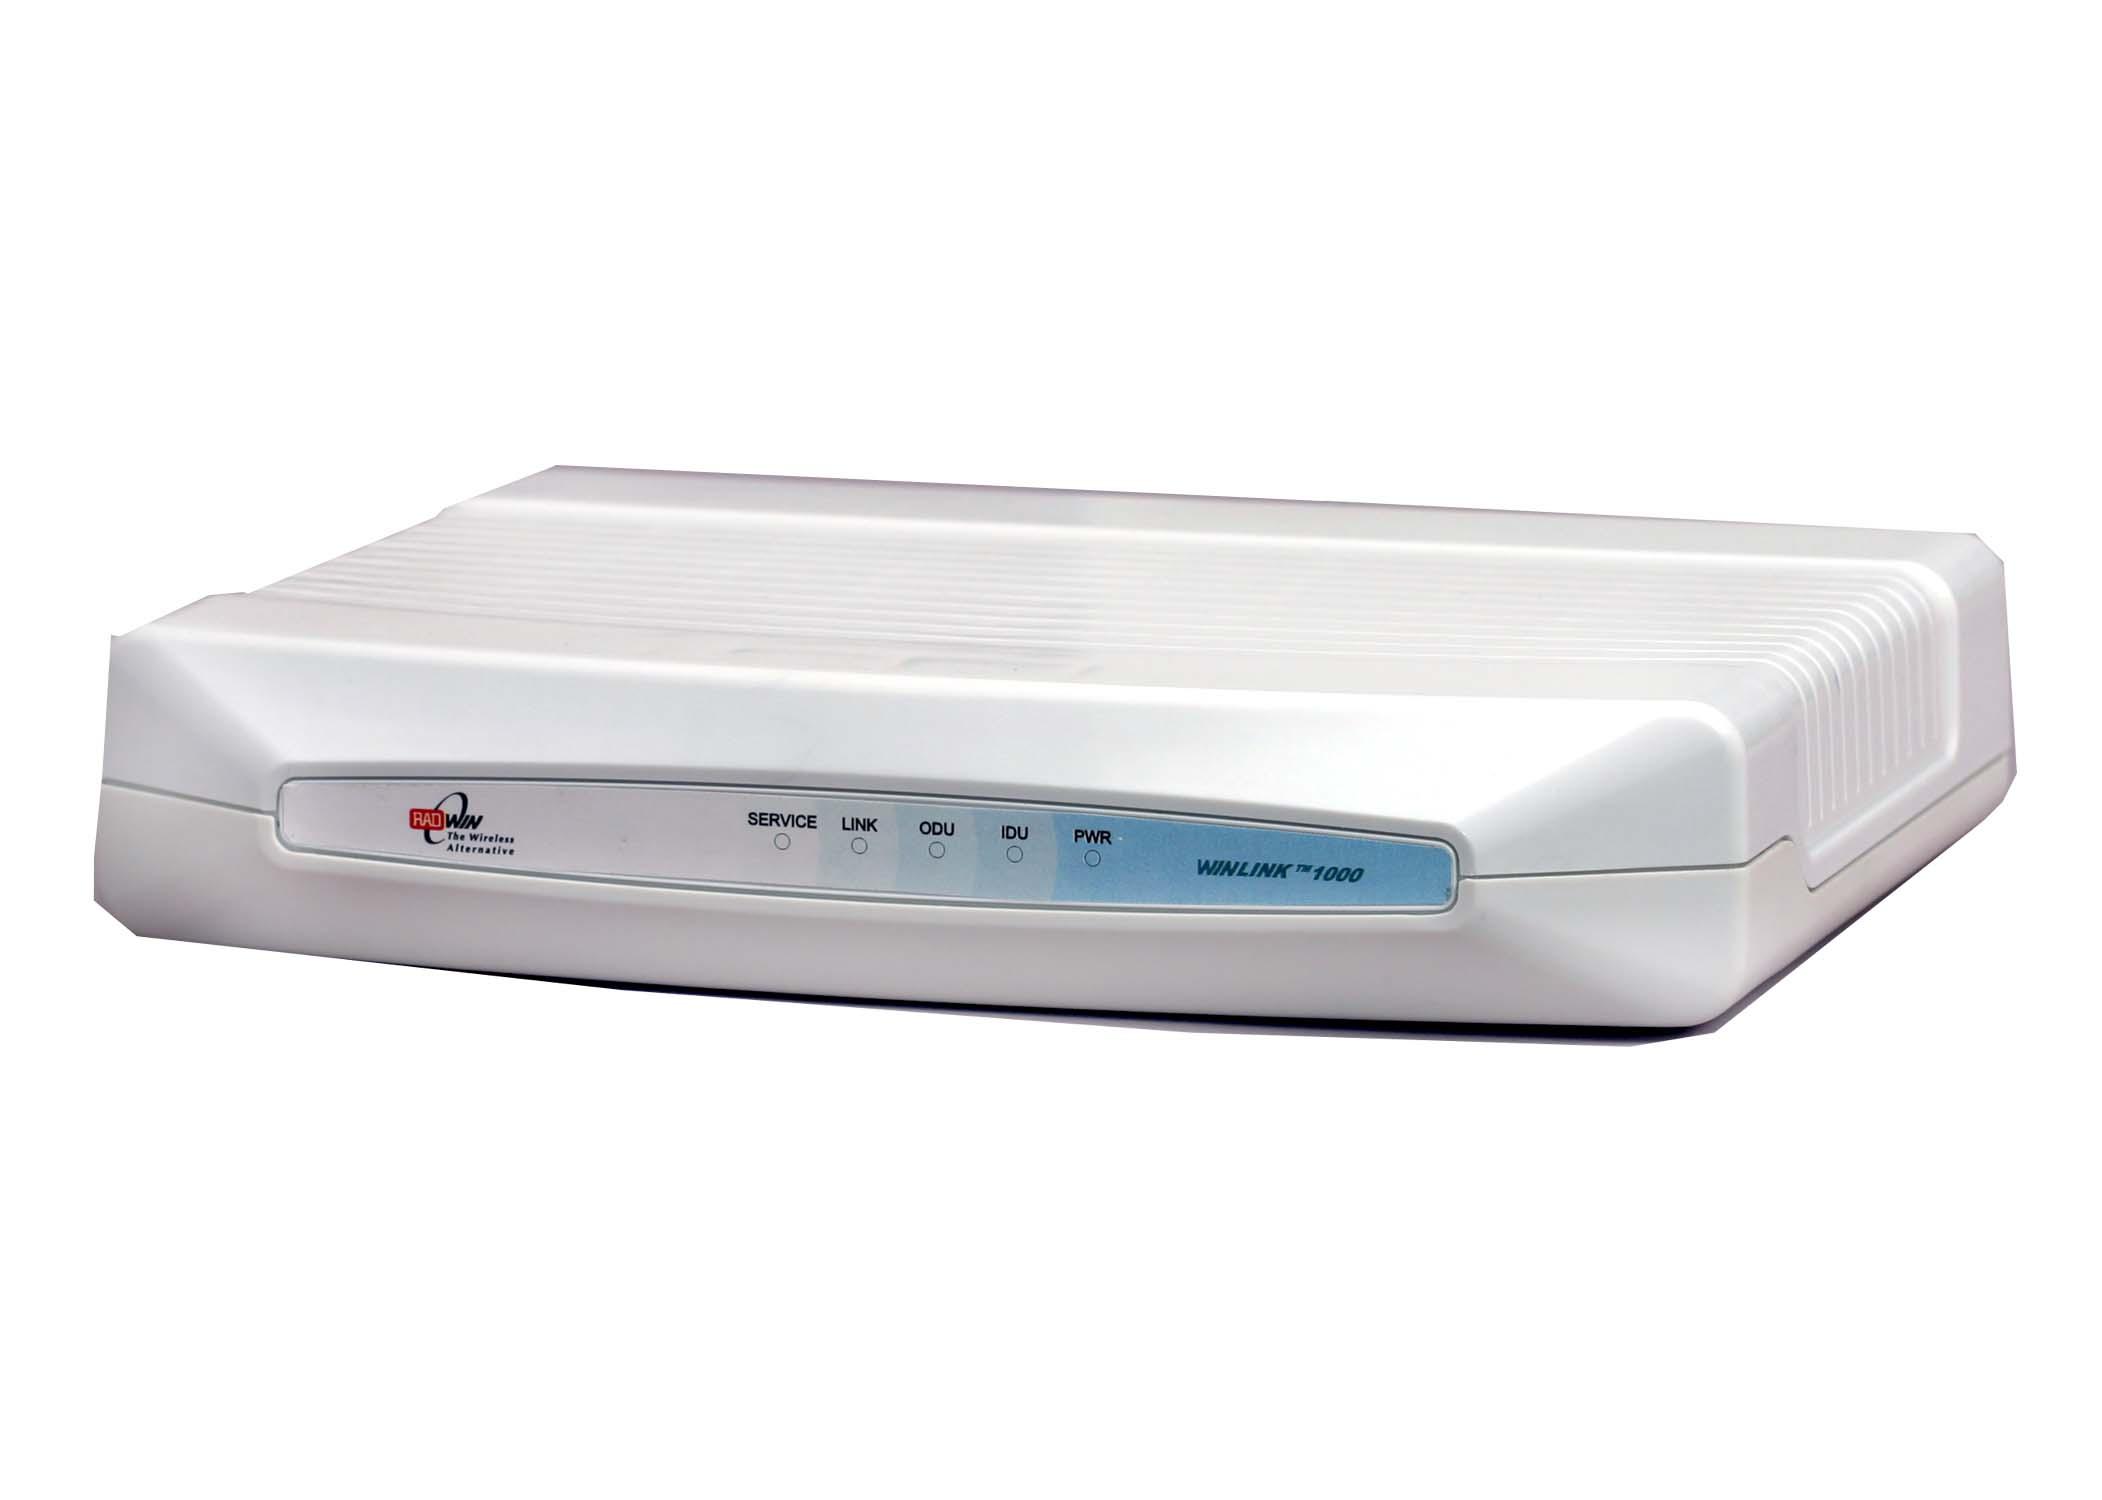 Внутренний блок RADWIN WL1000-IDU-EO AT0062921, 1 порт Ethernet, напряжение питания от 20 до 60 В по